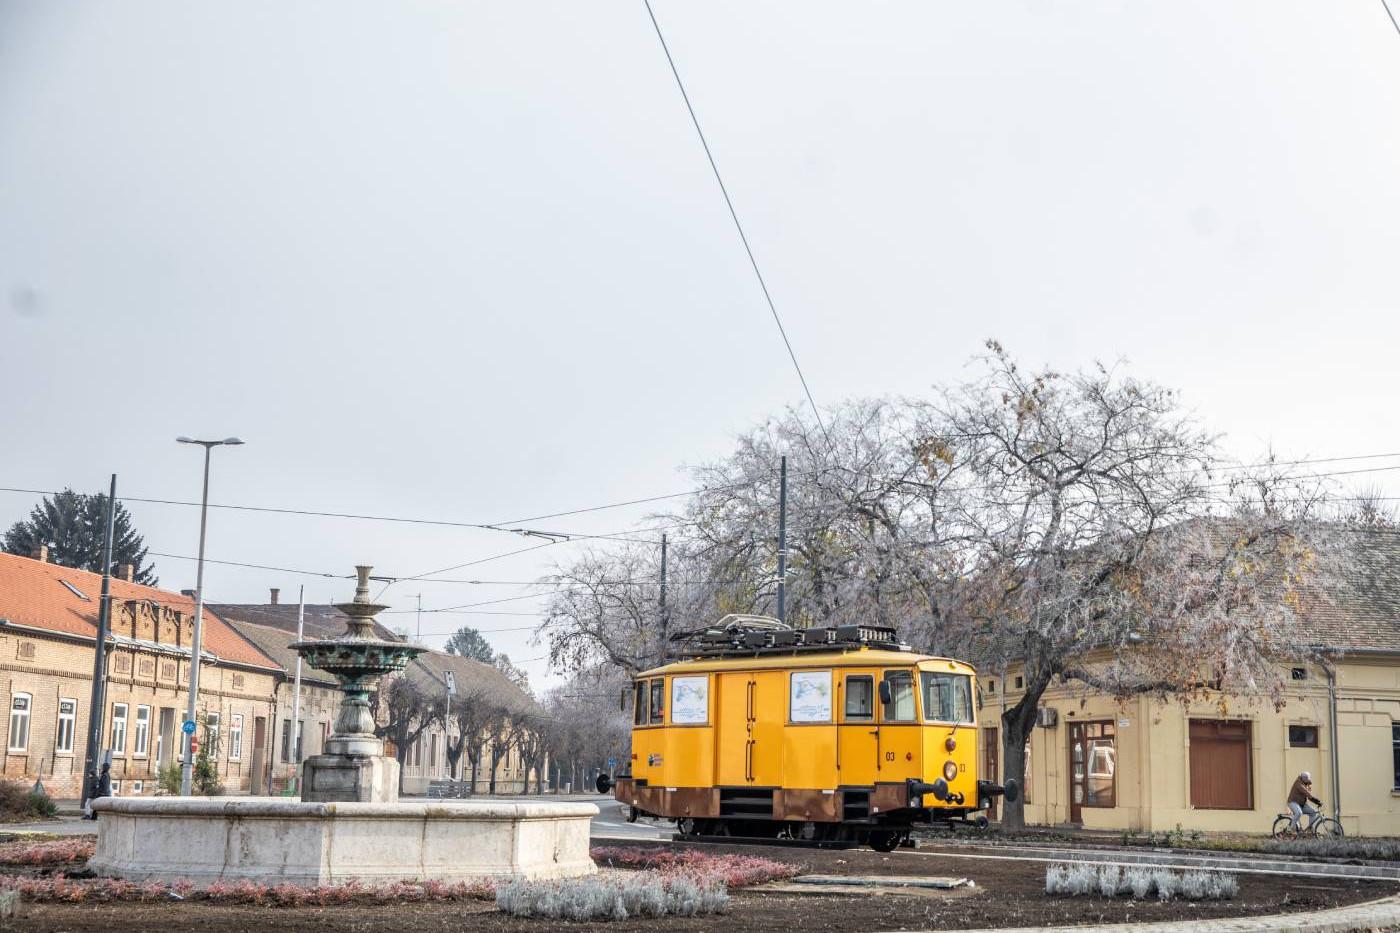 A Szegedi Közlekedési Társaság dízel-elektromos üzemű karbantartó villamosa az ország első tram-train (vasútvillamos) rendszerének részeként épült hódmezővásárhelyi villamosvonalon 2020. december 2-án